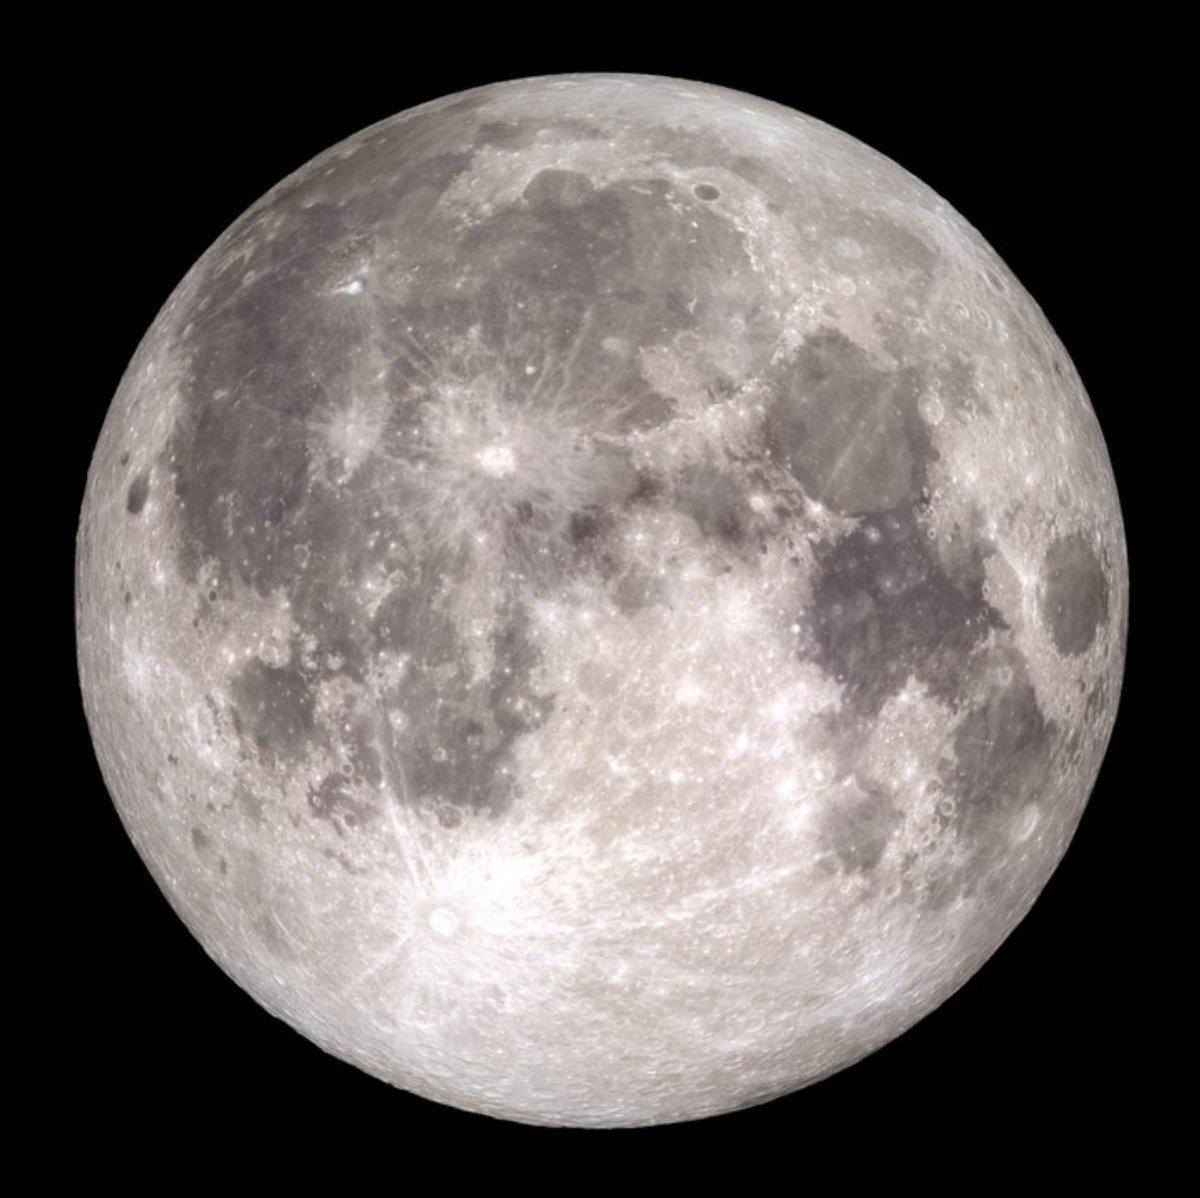 blood moon tonight nasa - photo #29